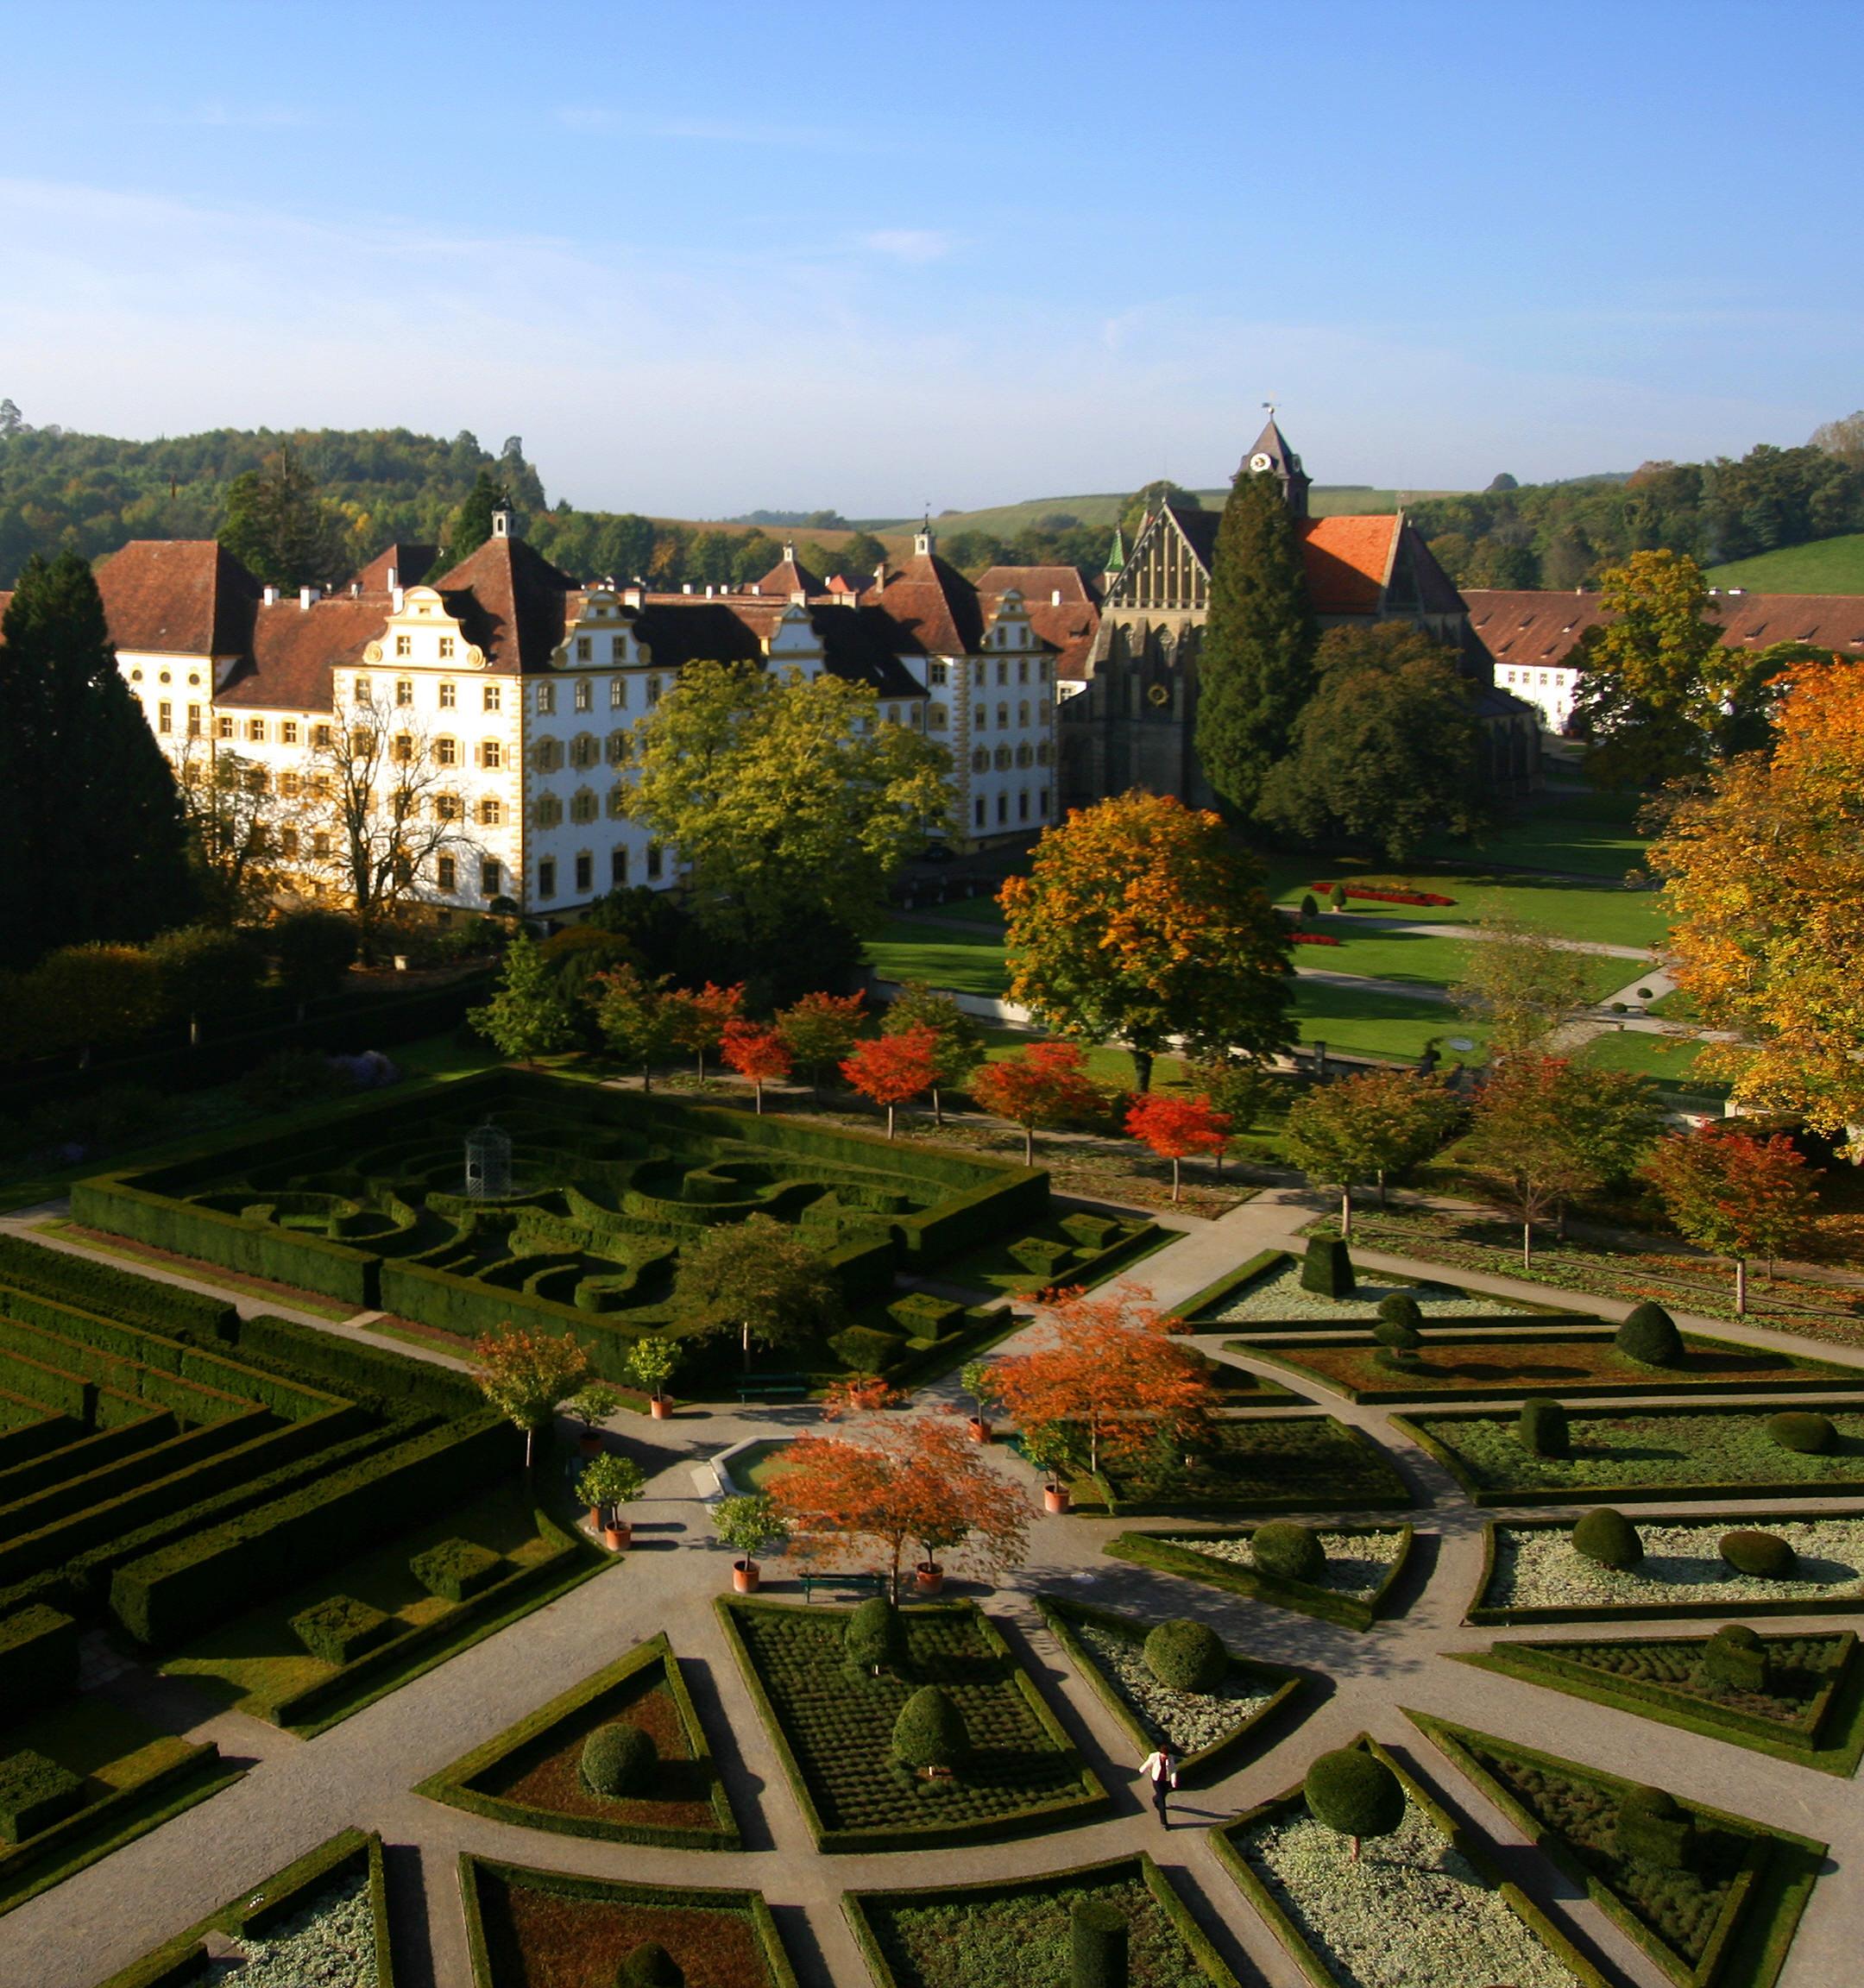 Kloster und Schloss Salem, Hofgarten - Foto: SSGBW, A. Mende